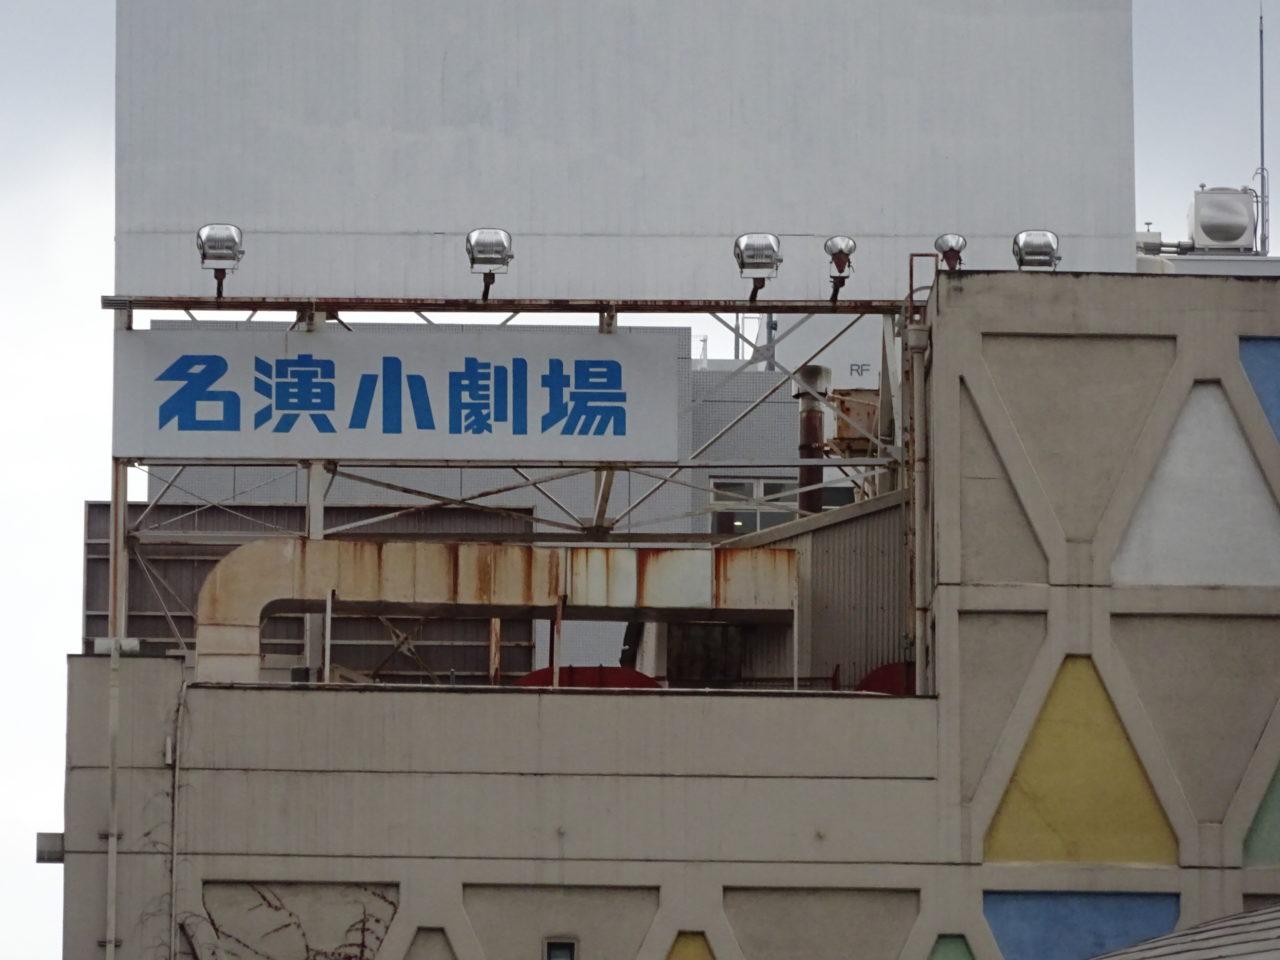 名演小劇場